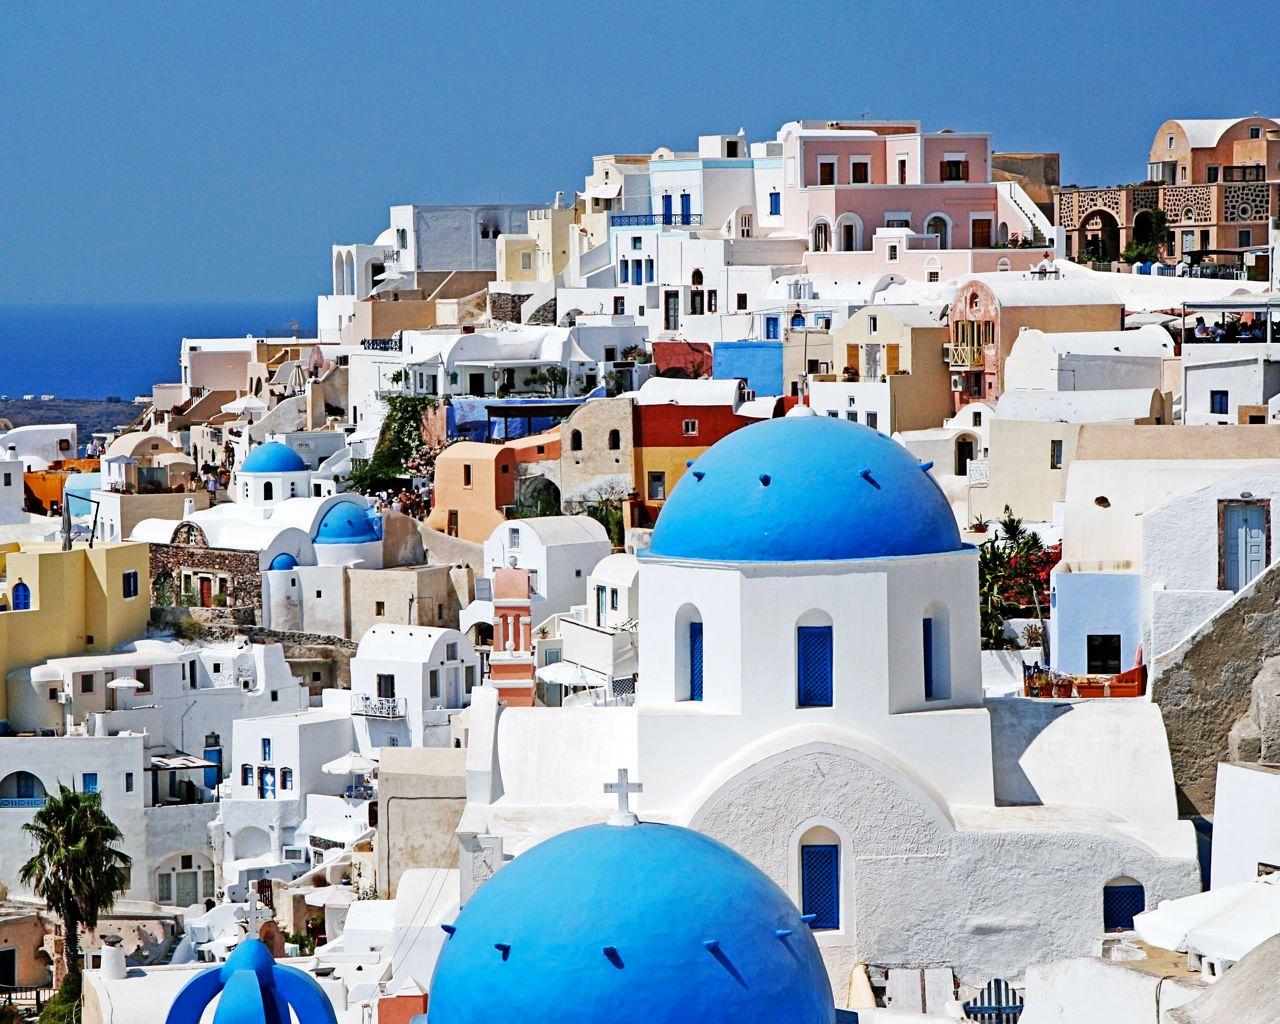 聖托里尼景點住宿大公開|歐洲最浪漫的島嶼